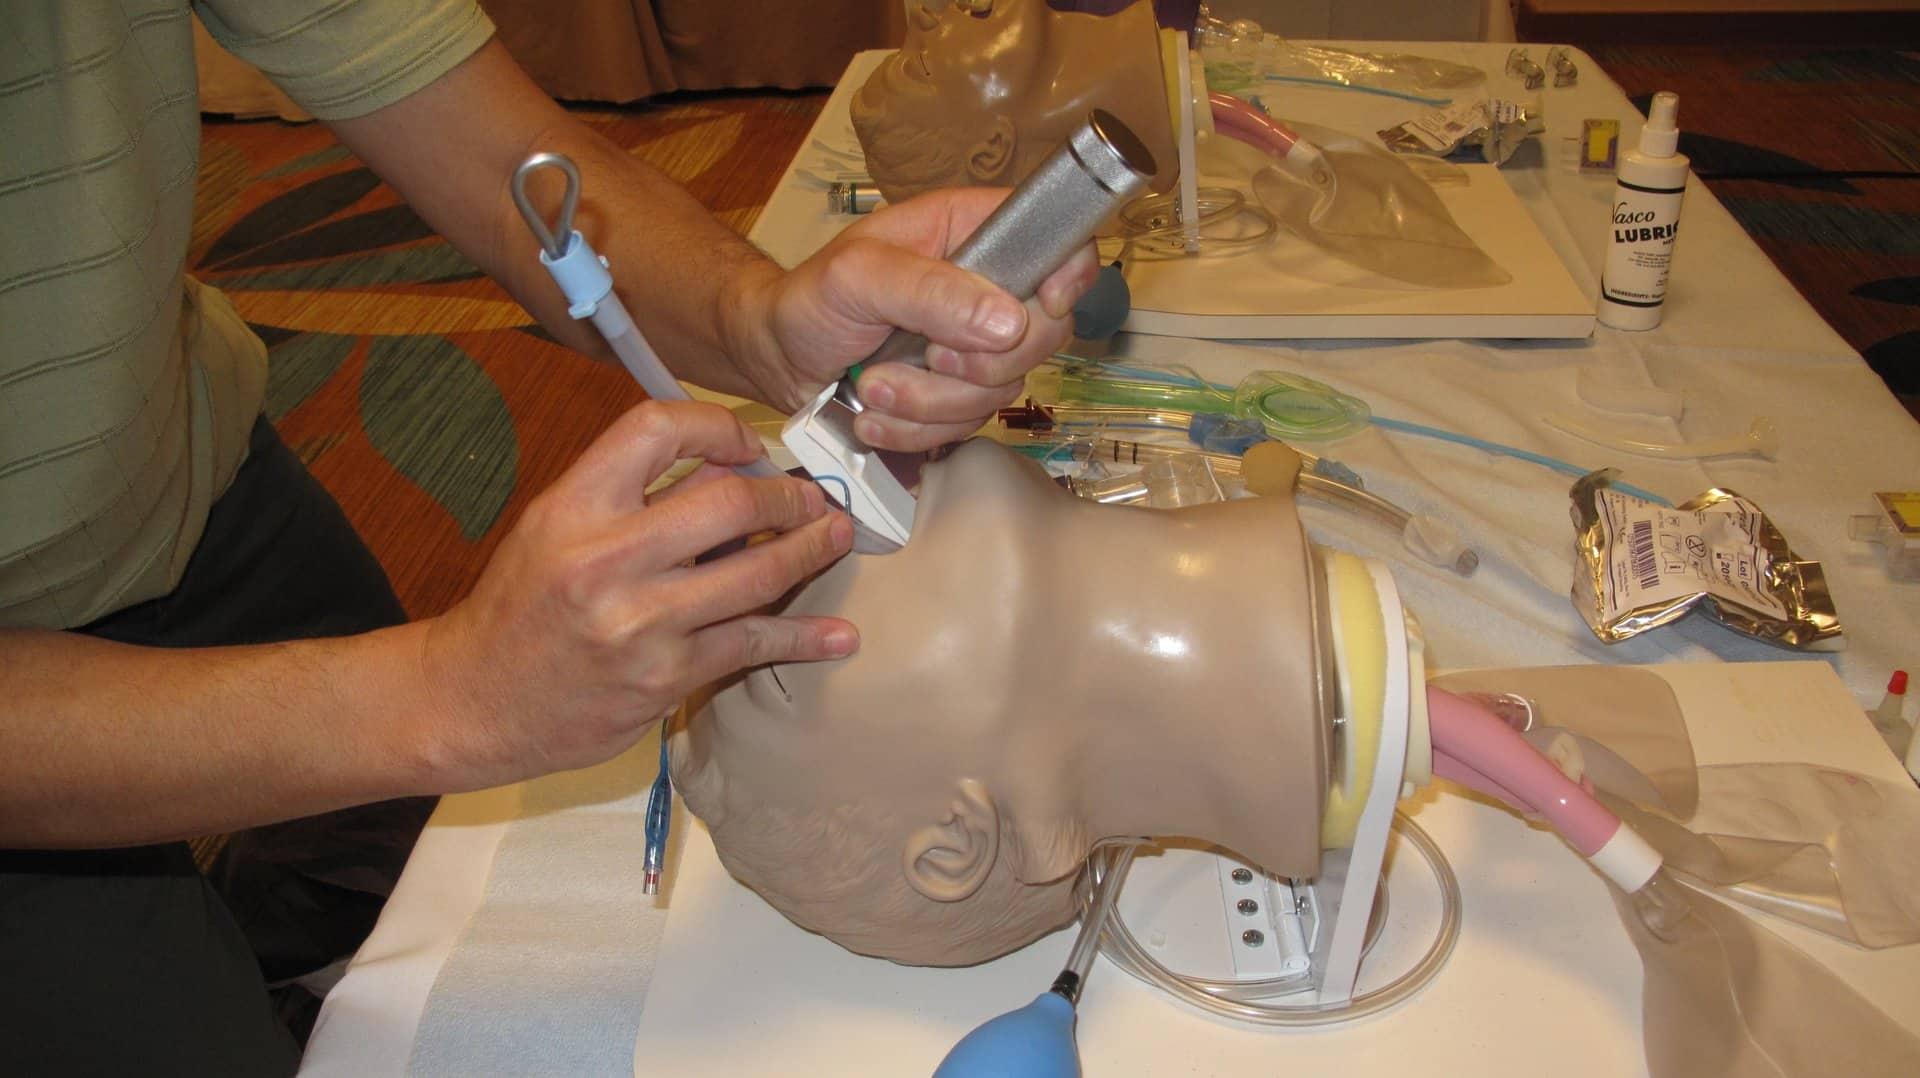 https://hospitalprocedures.org/endotracheal-intubation-course/